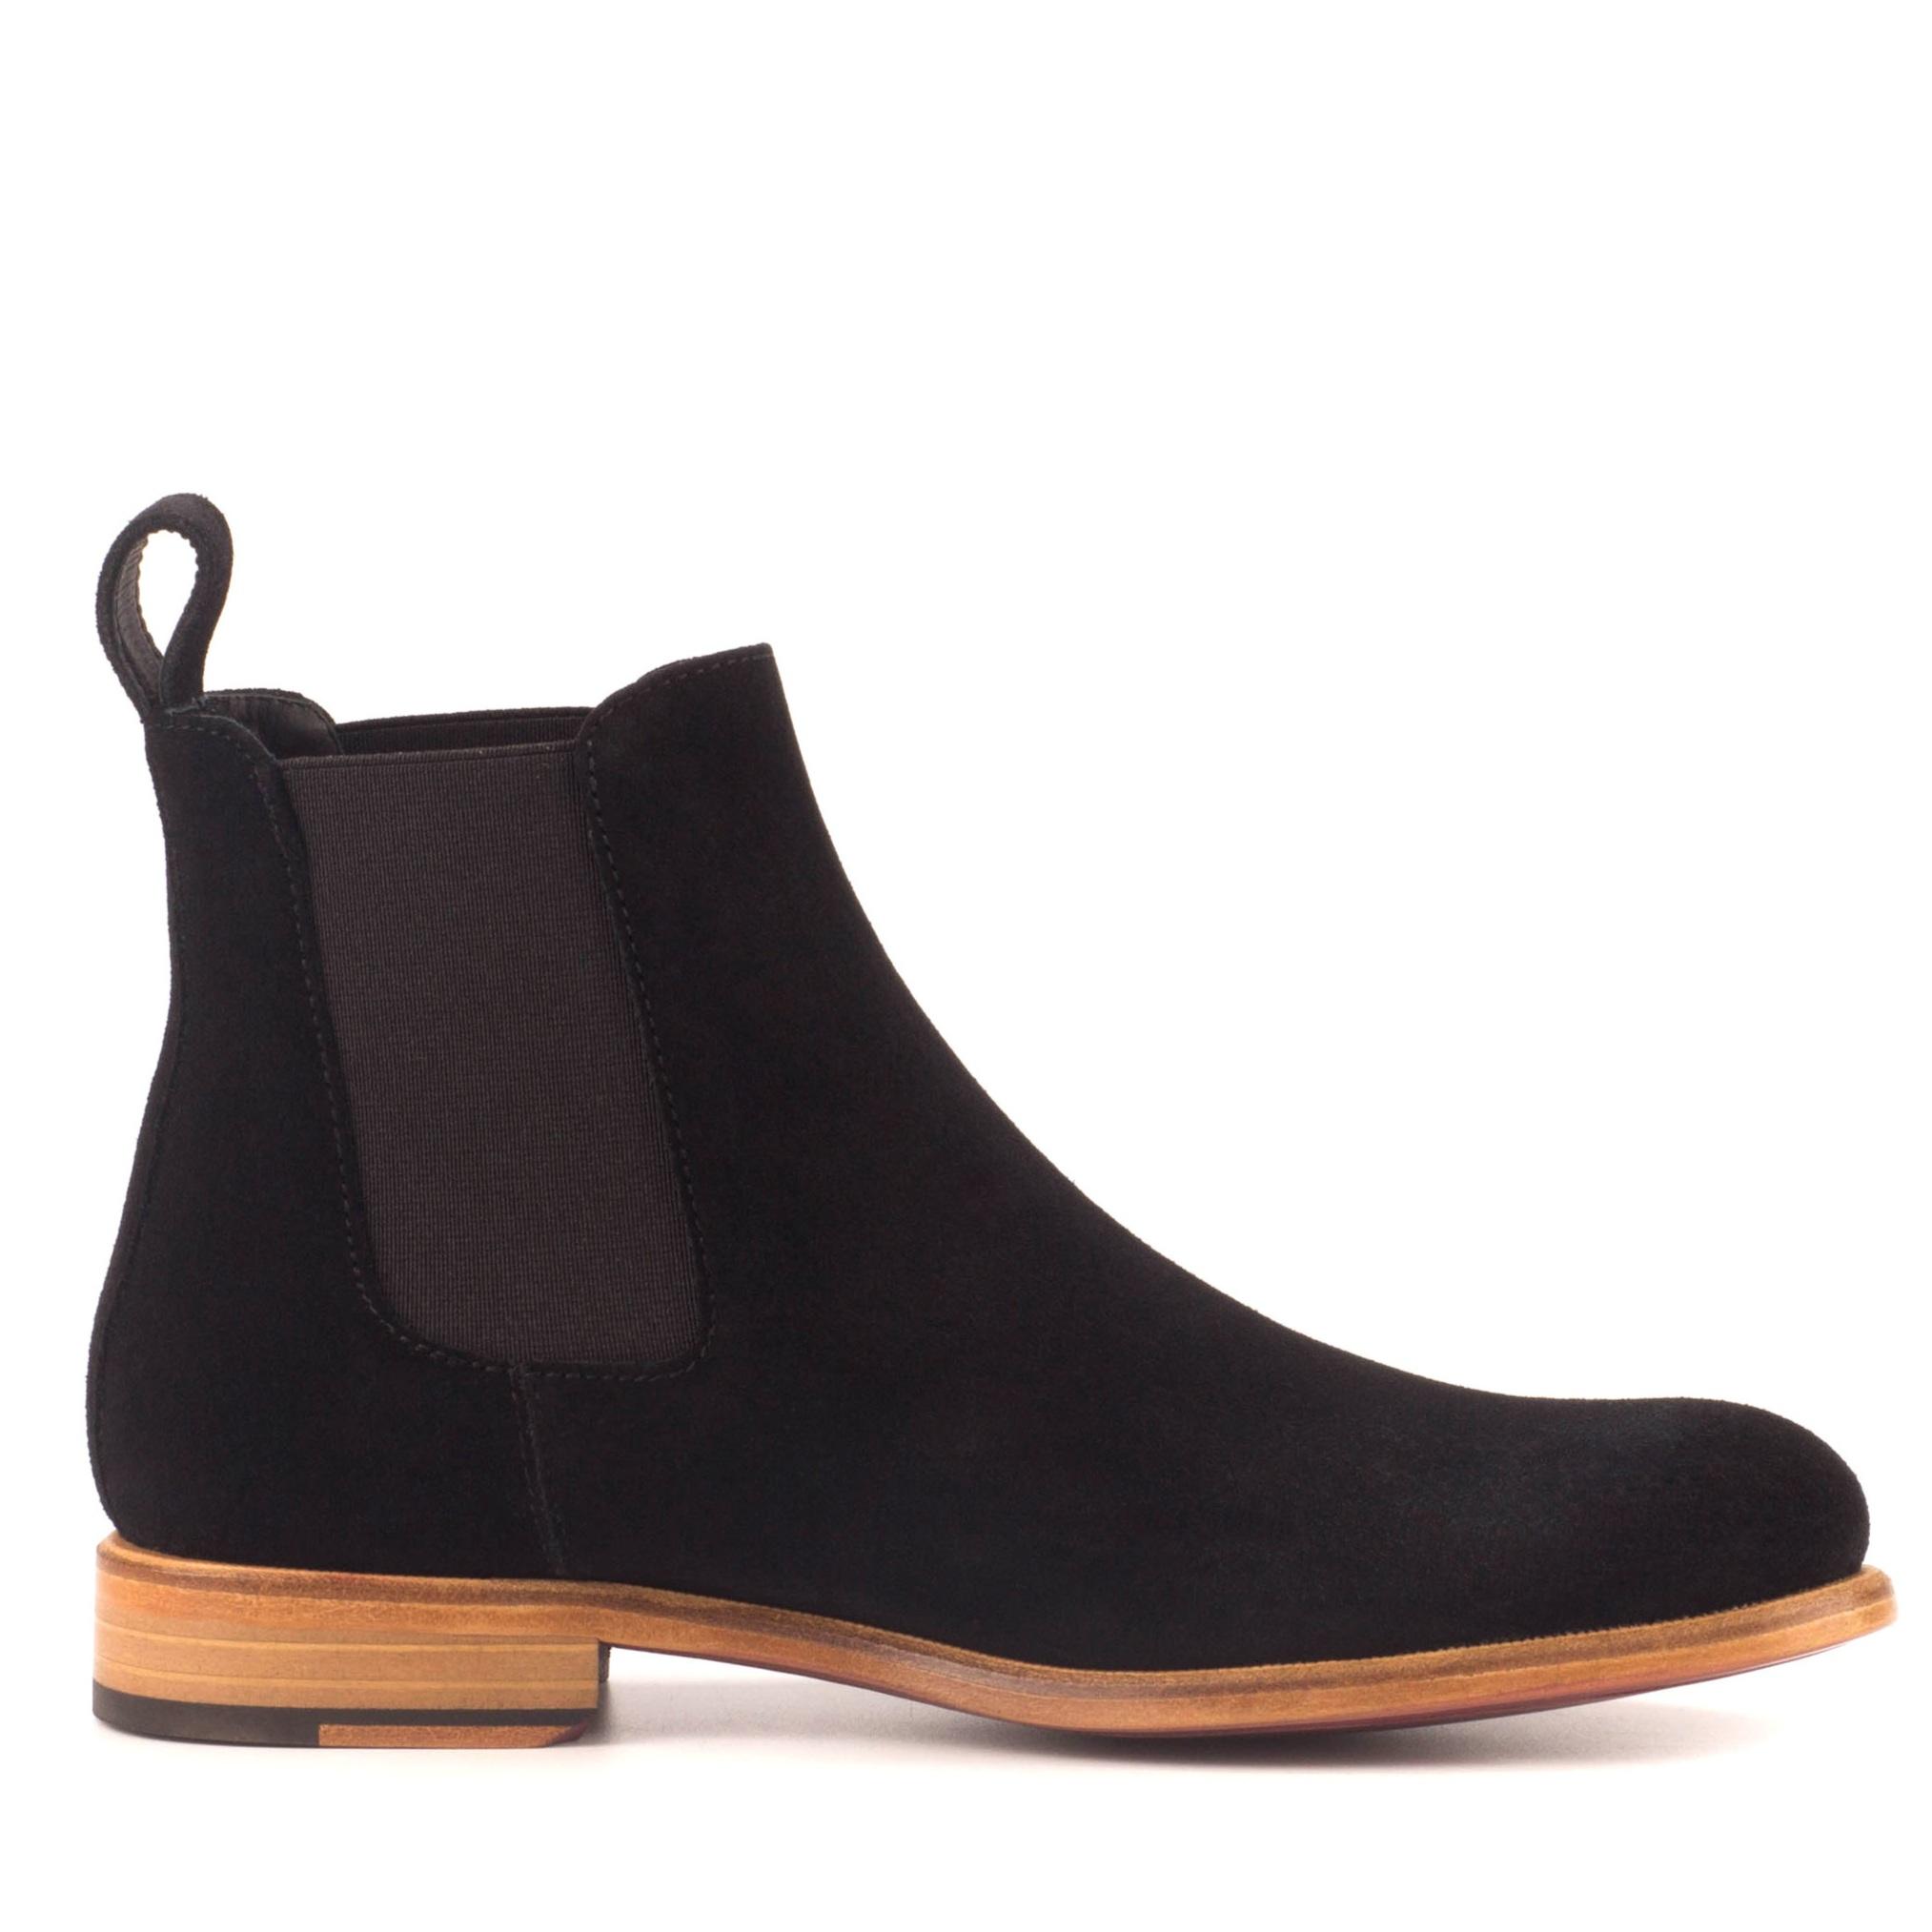 Chelsea Women's Boots -